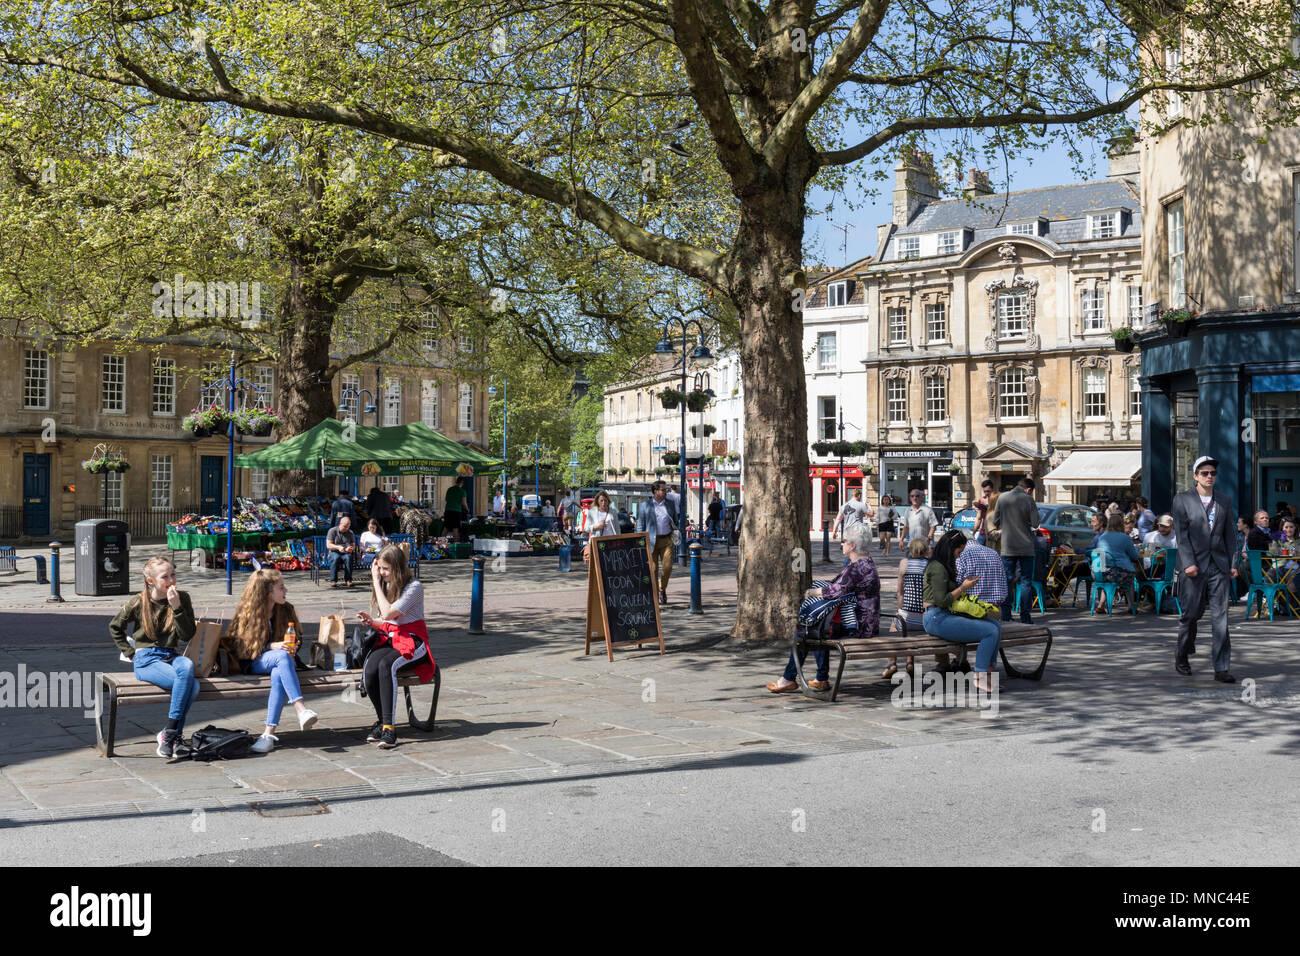 Kingsmead Square Bath England